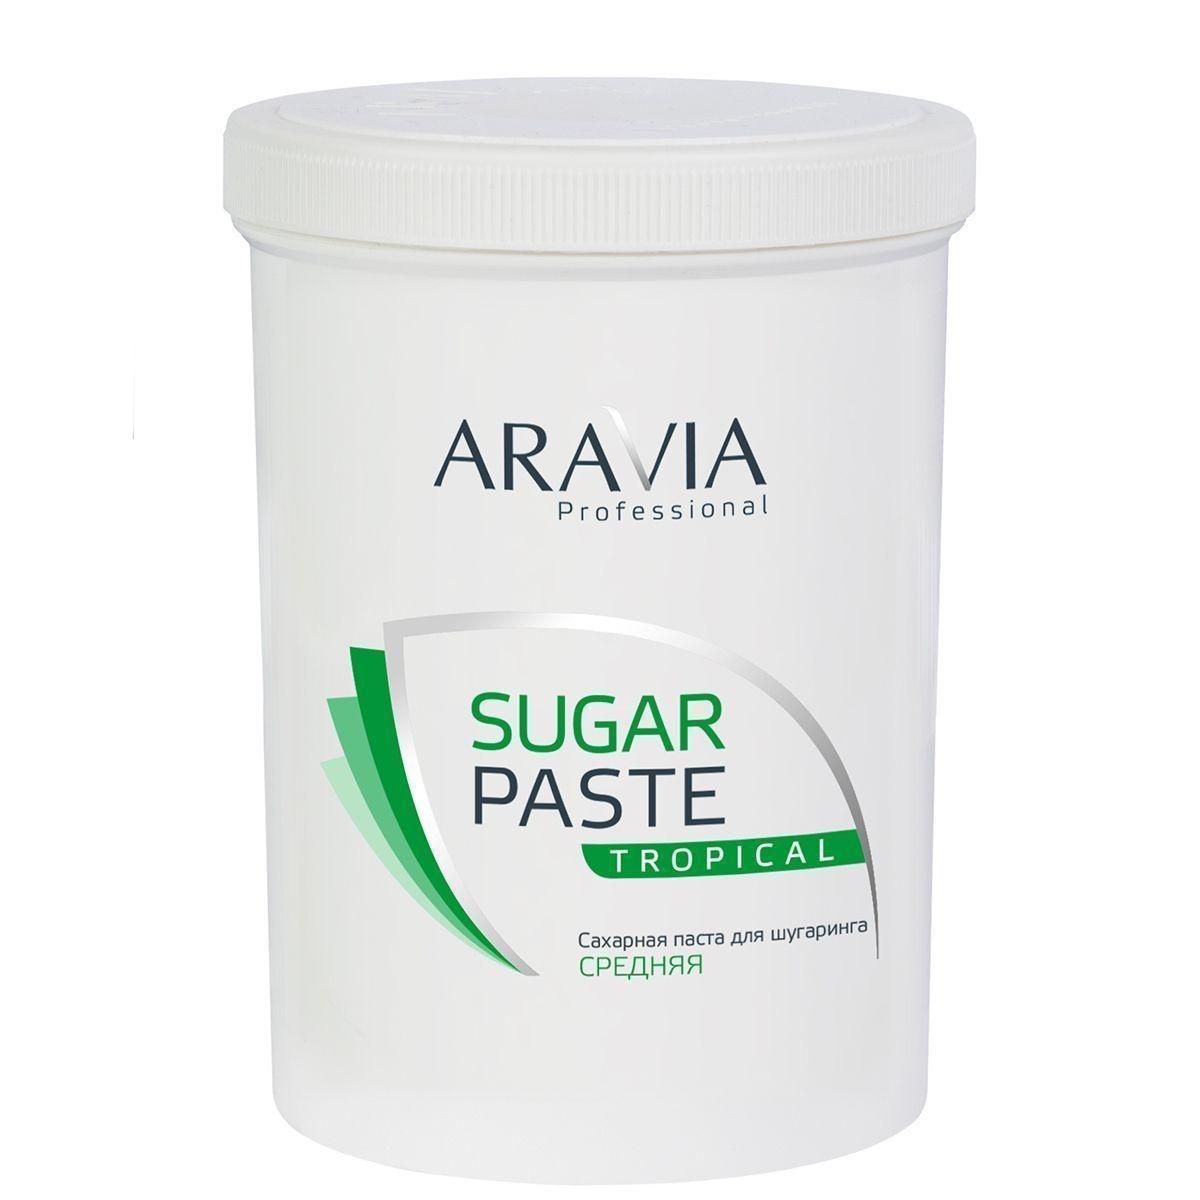 ARAVIA Сахарная Sugar Paste Паста для Депиляции Тропическая Средней Консистенции, 1500г